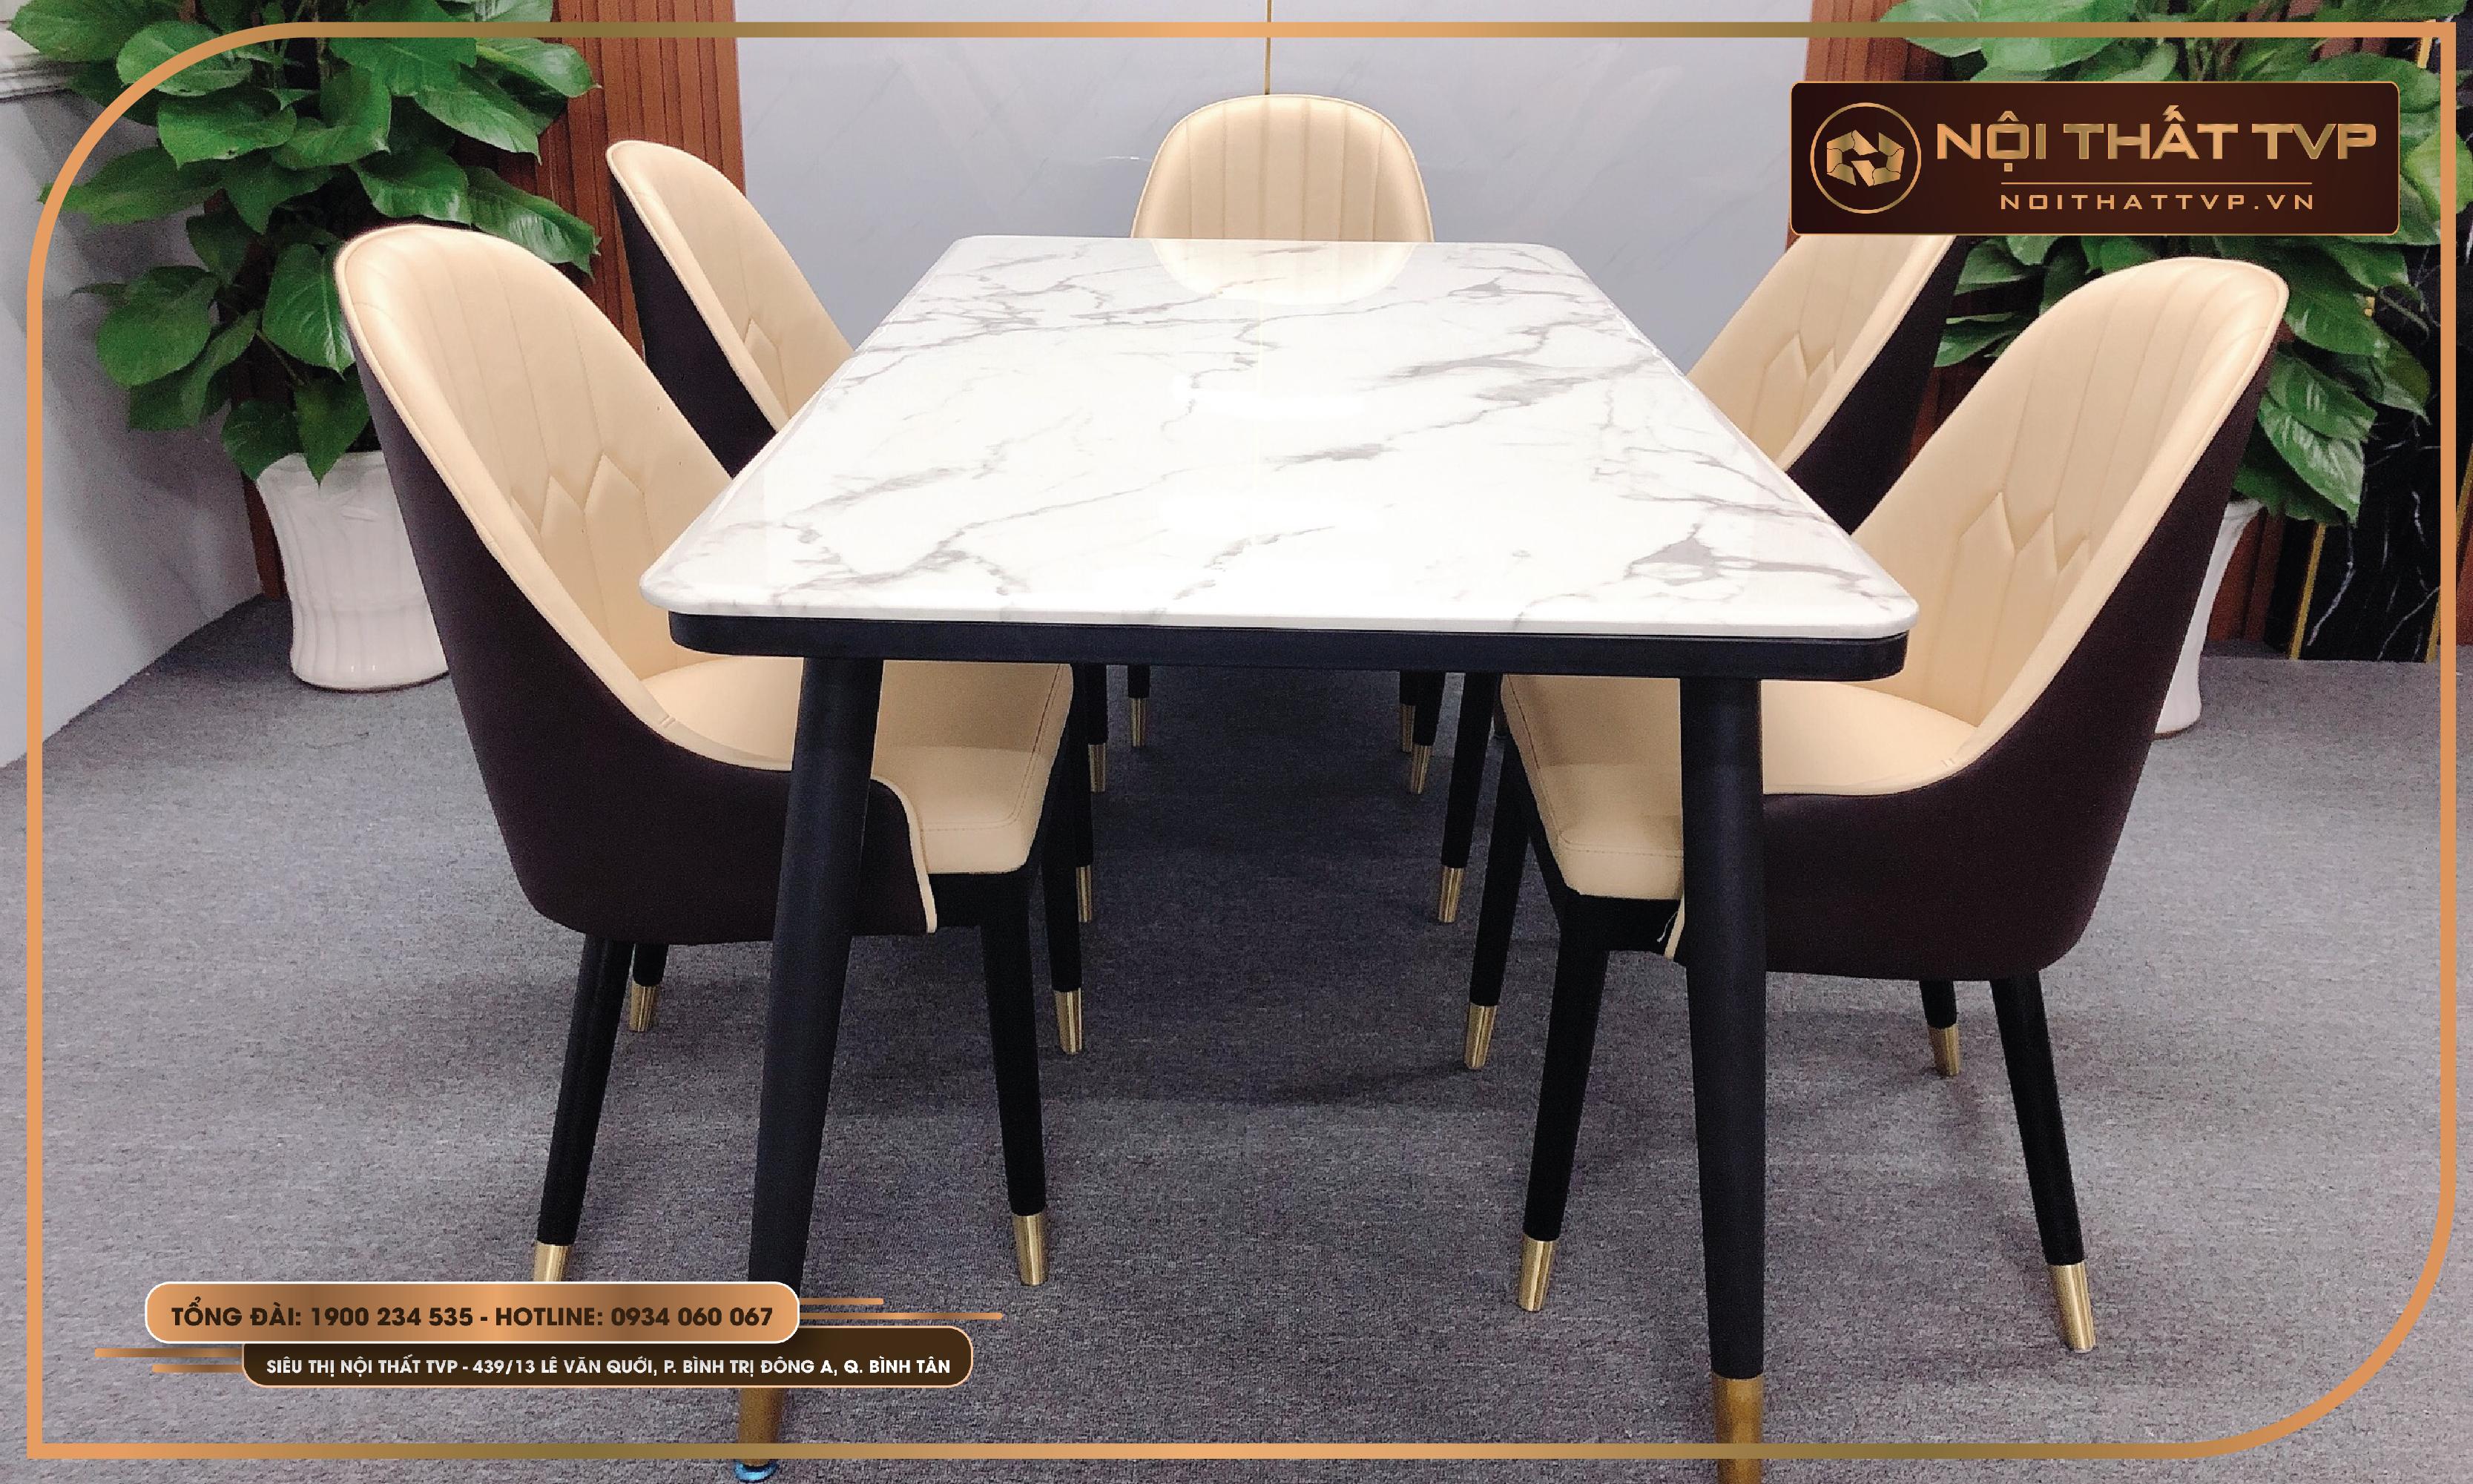 Chân bàn và chân ghế đều được bọc đồng